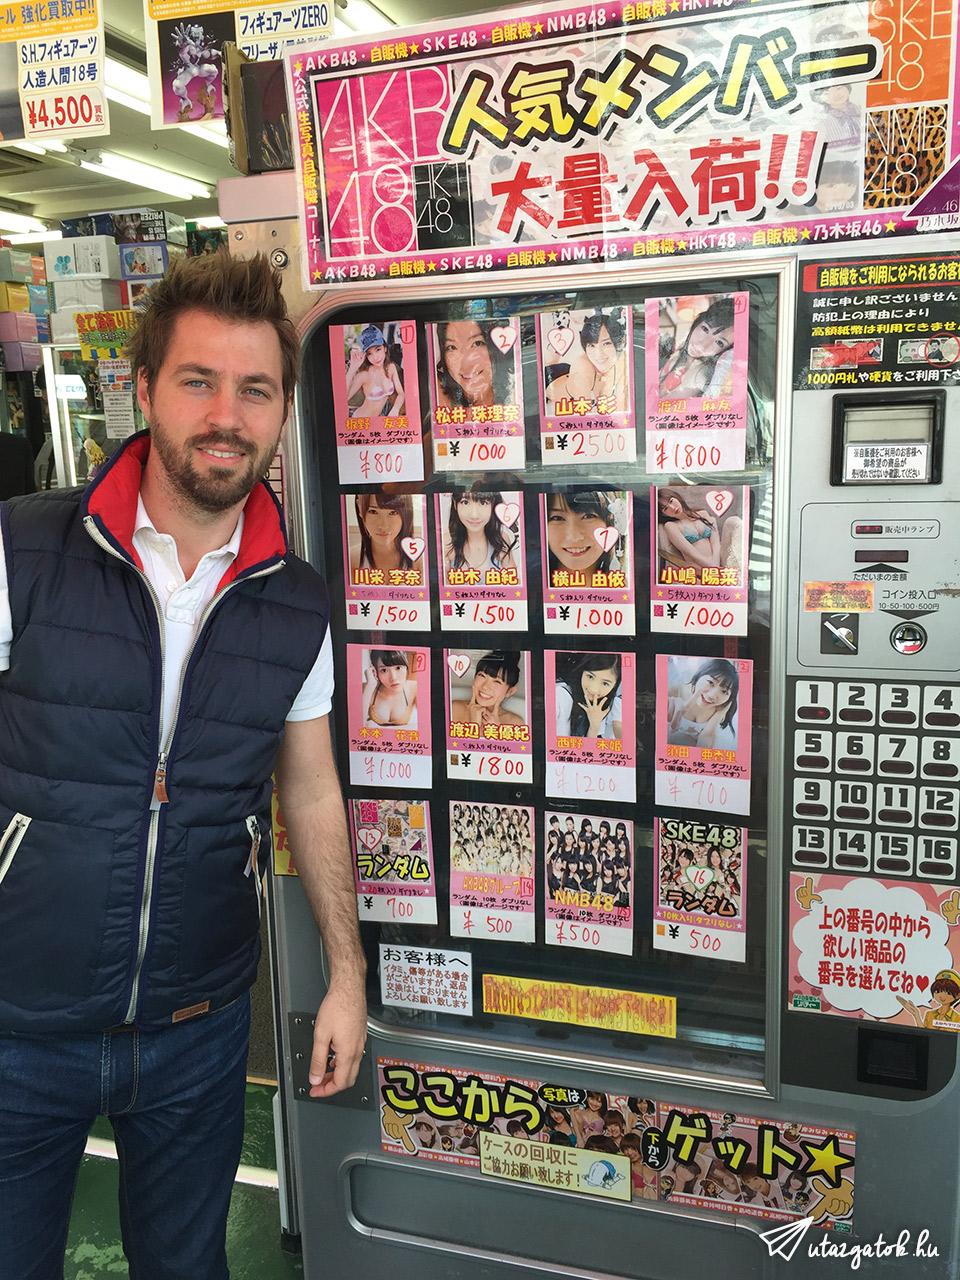 legjobb japán szexuális játékokjapán szexuális játékok férfiaknak